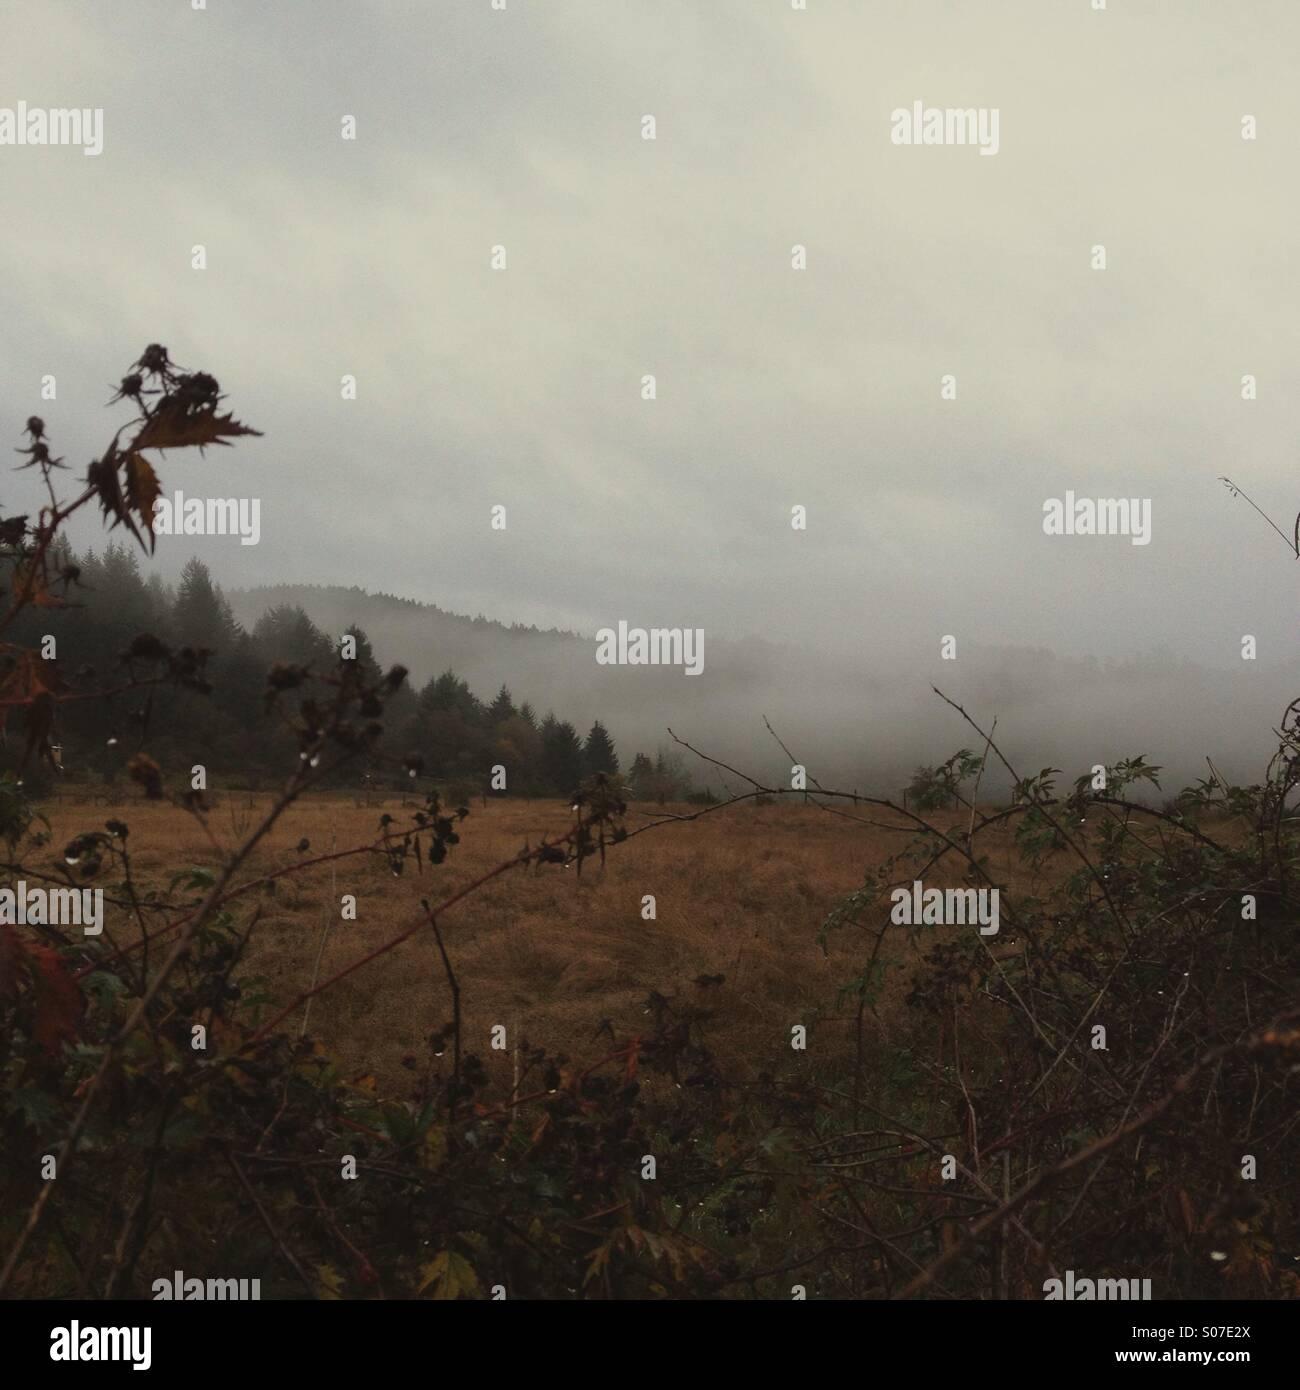 La pluie brouillard humide avec champ de mûriers en premier plan à l'automne. Photo Stock